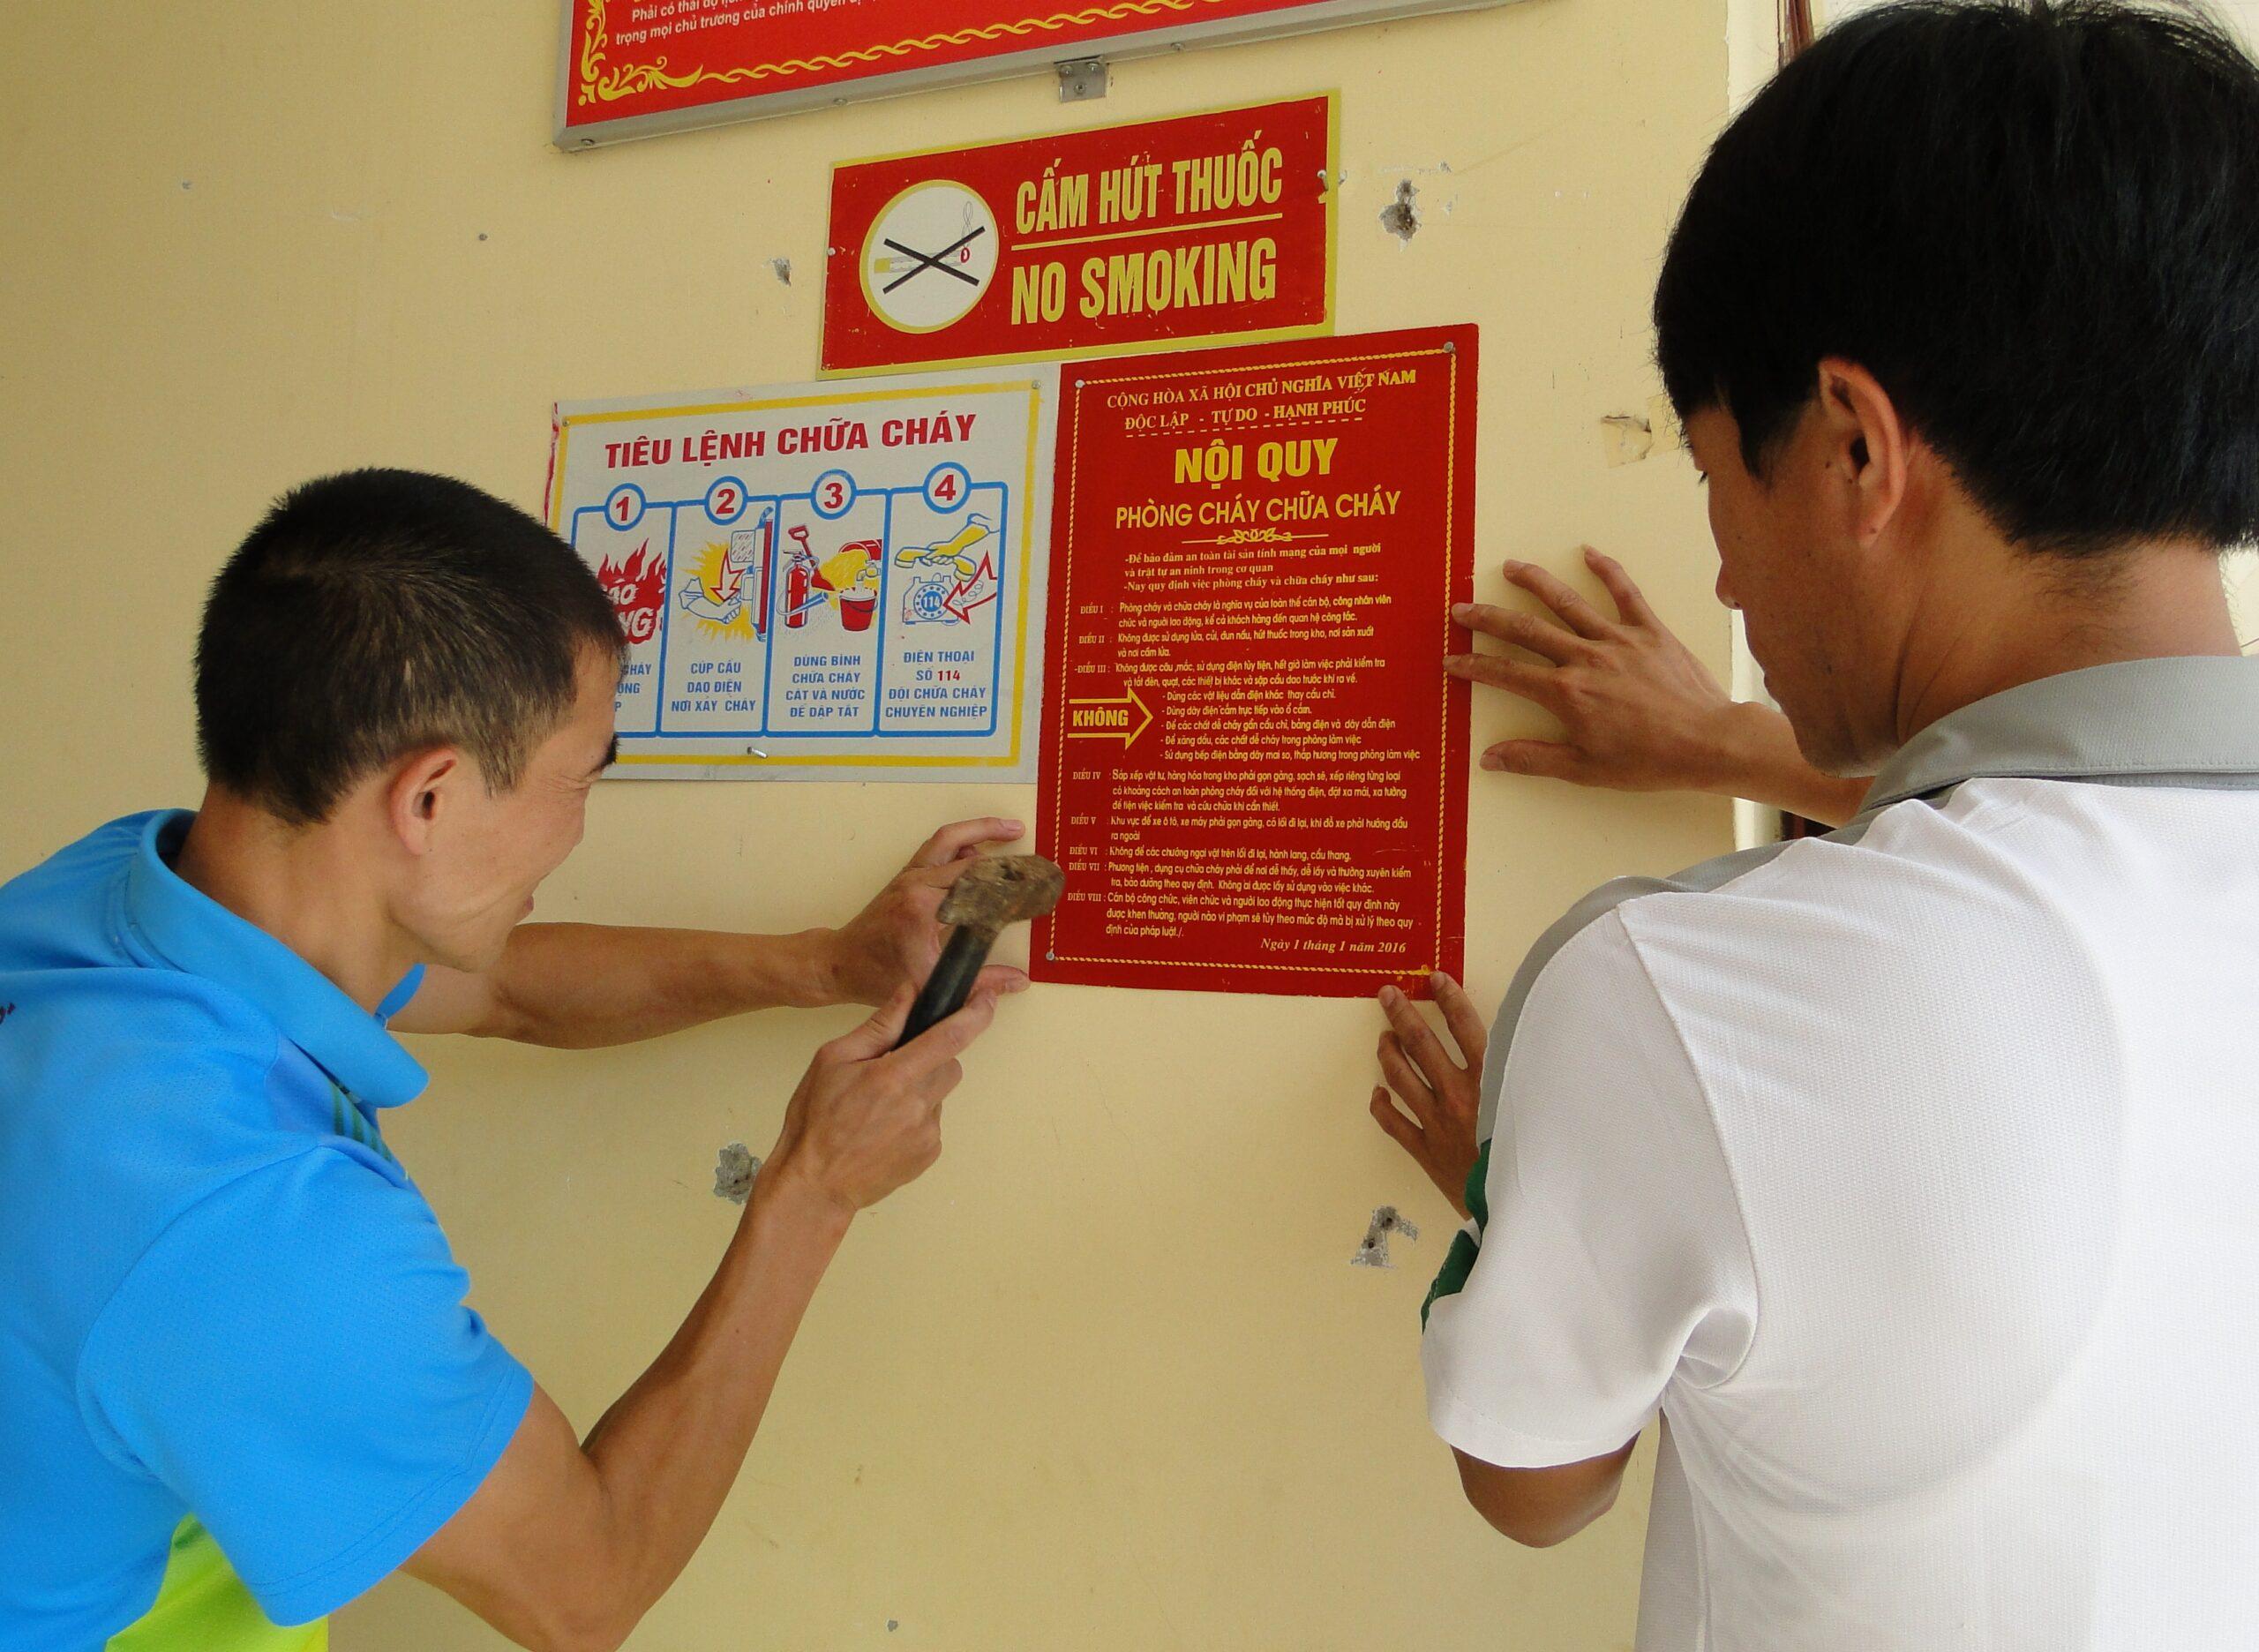 Tiêu lệnh chữa cháy thường thấy ở trường học